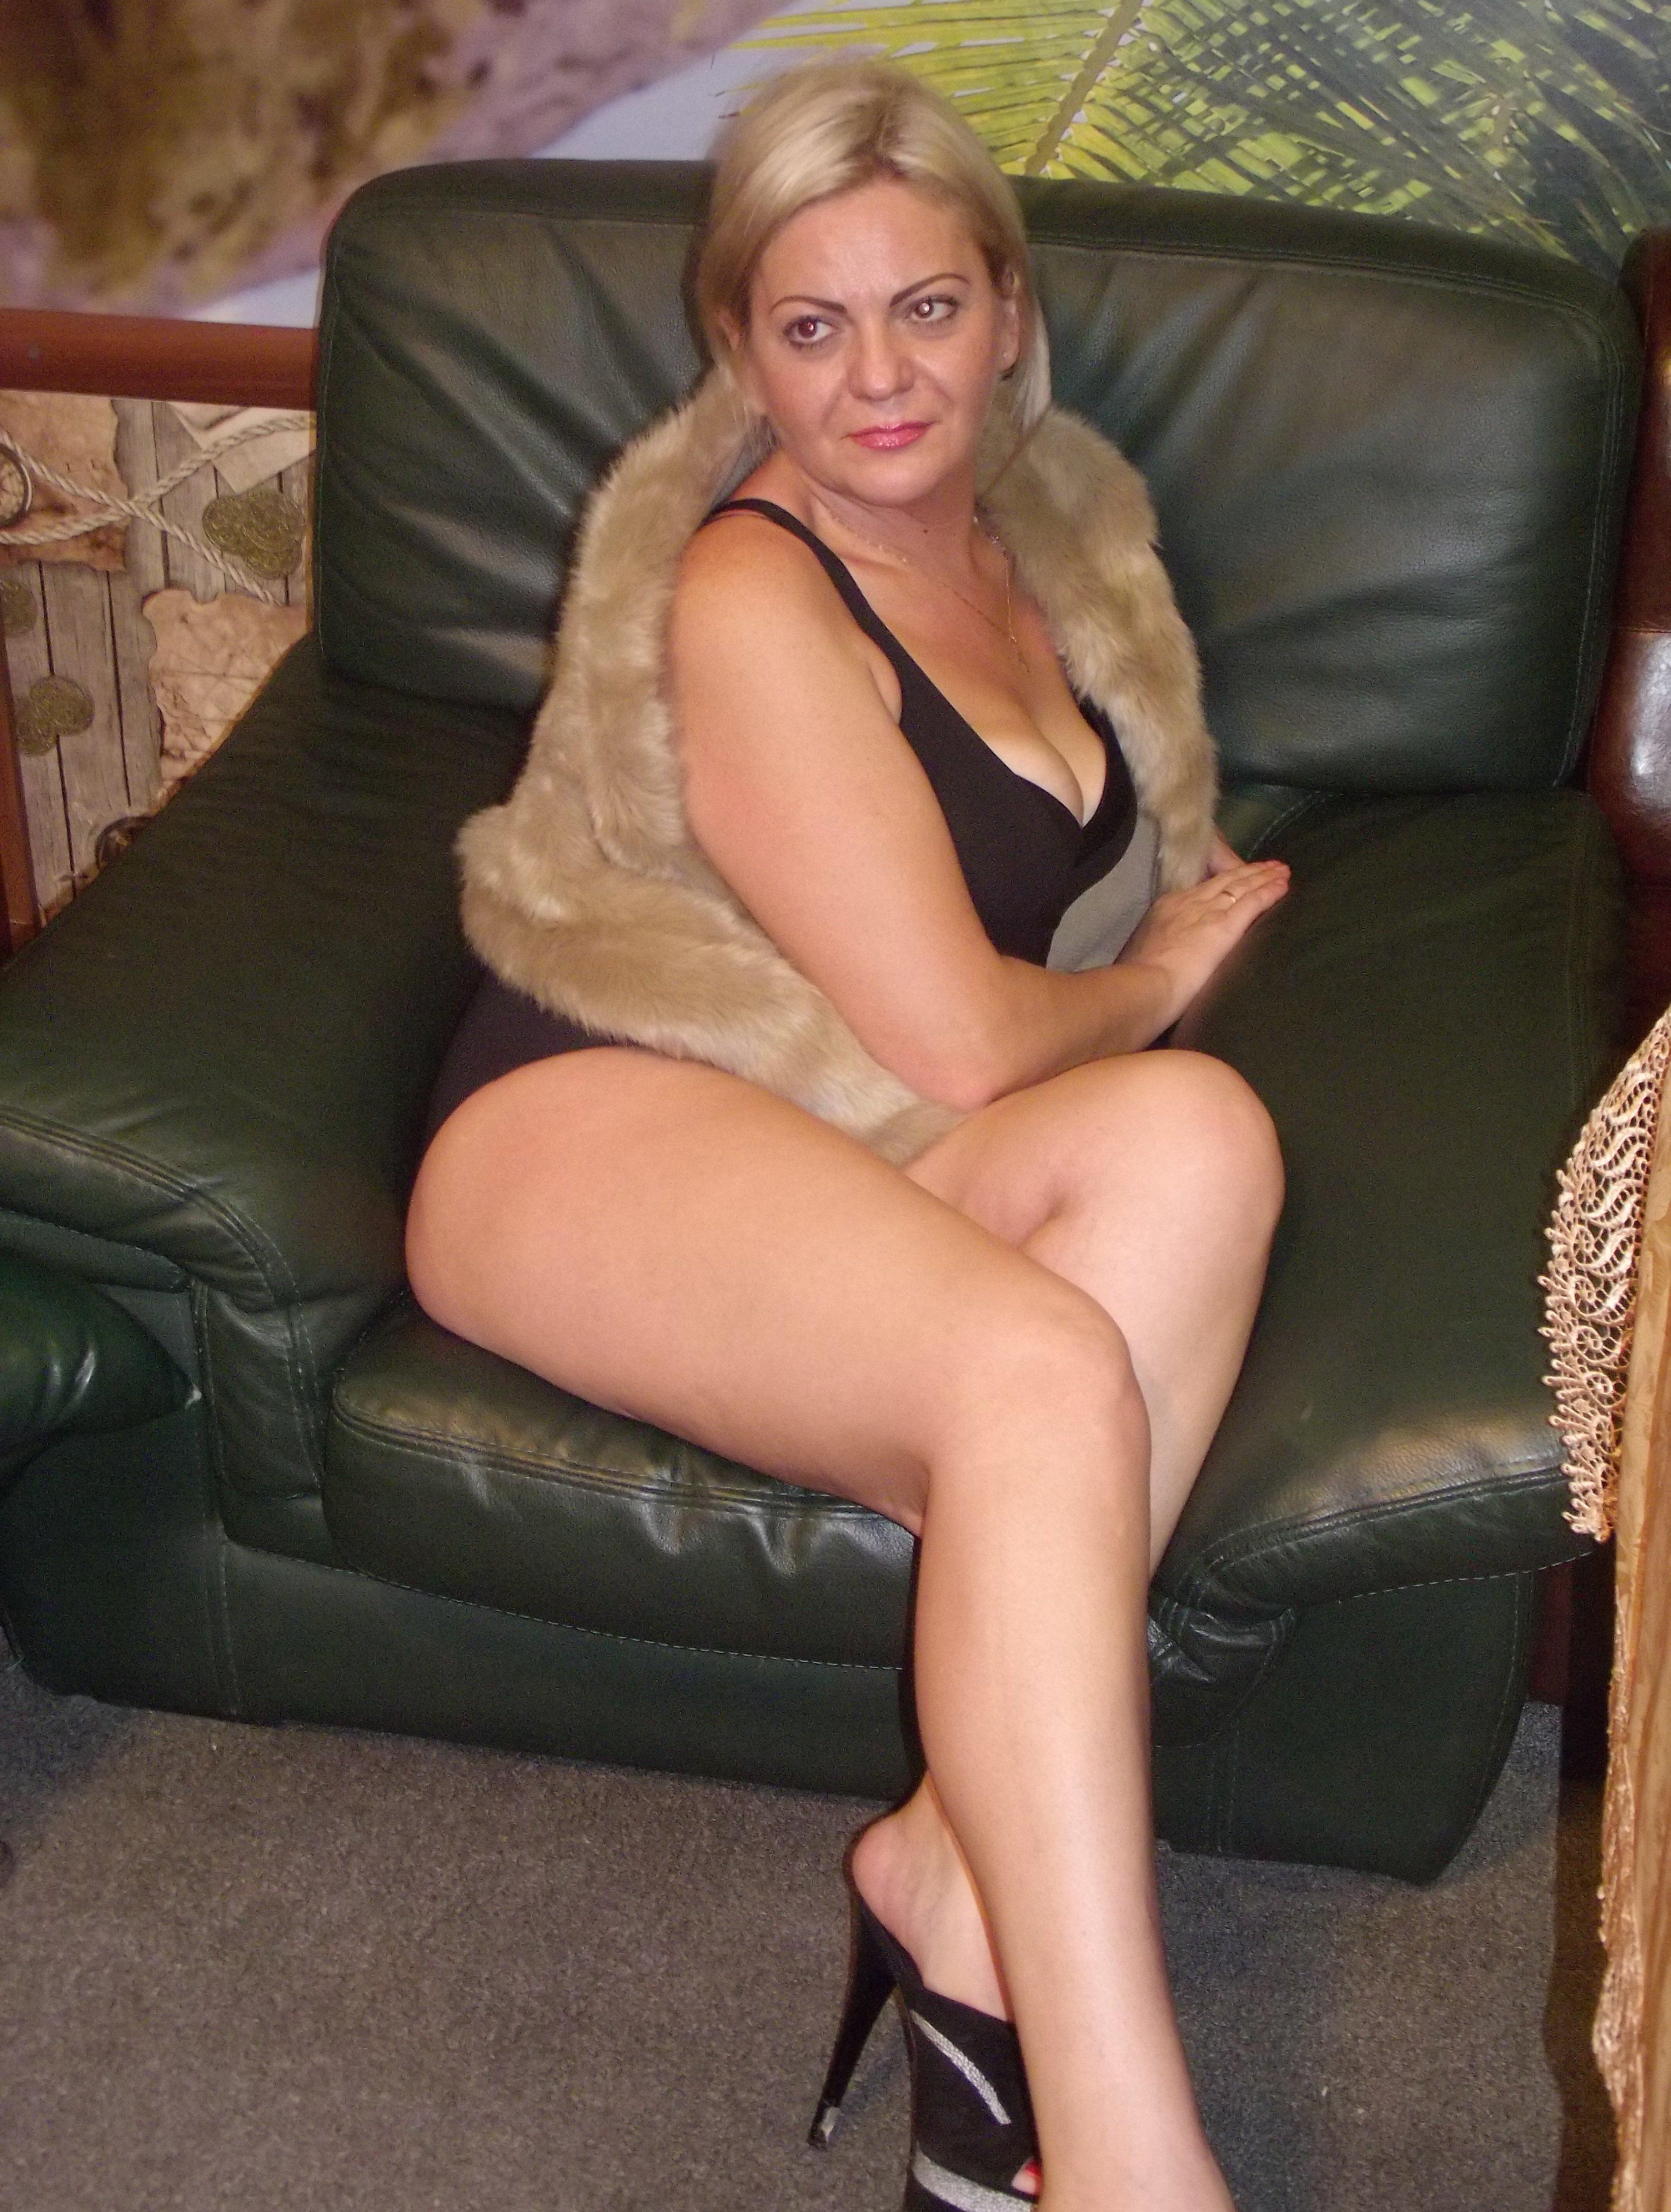 хорошая информация Замечательно, секс одиноких баб уверен, что